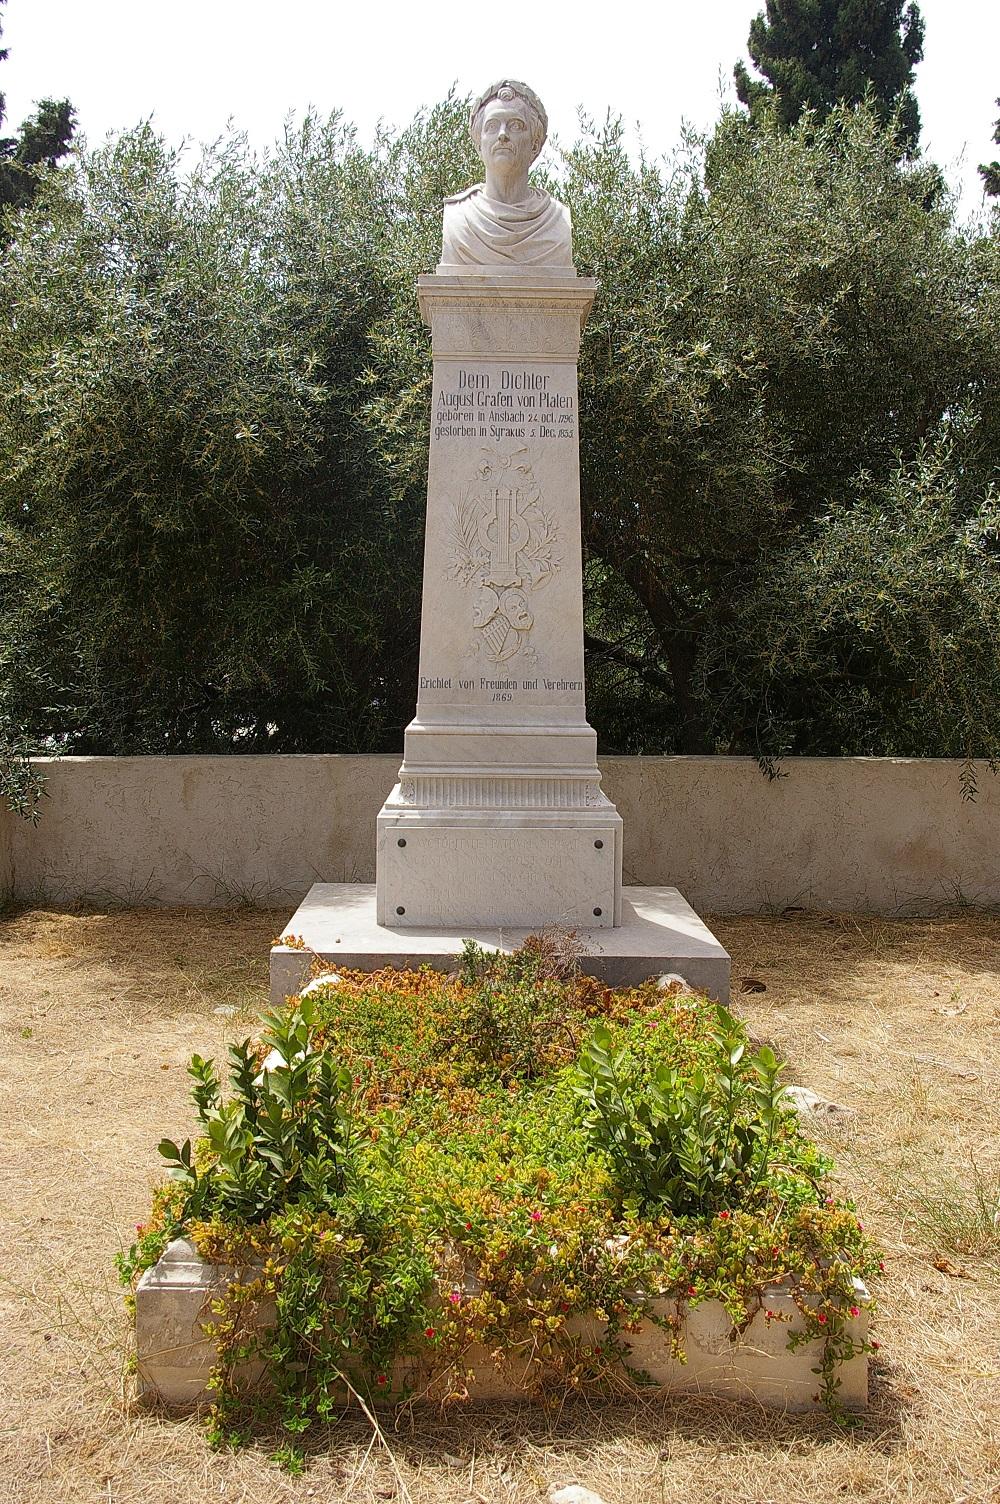 Giornate Fai: alla ricerca di monumenti dimenticati